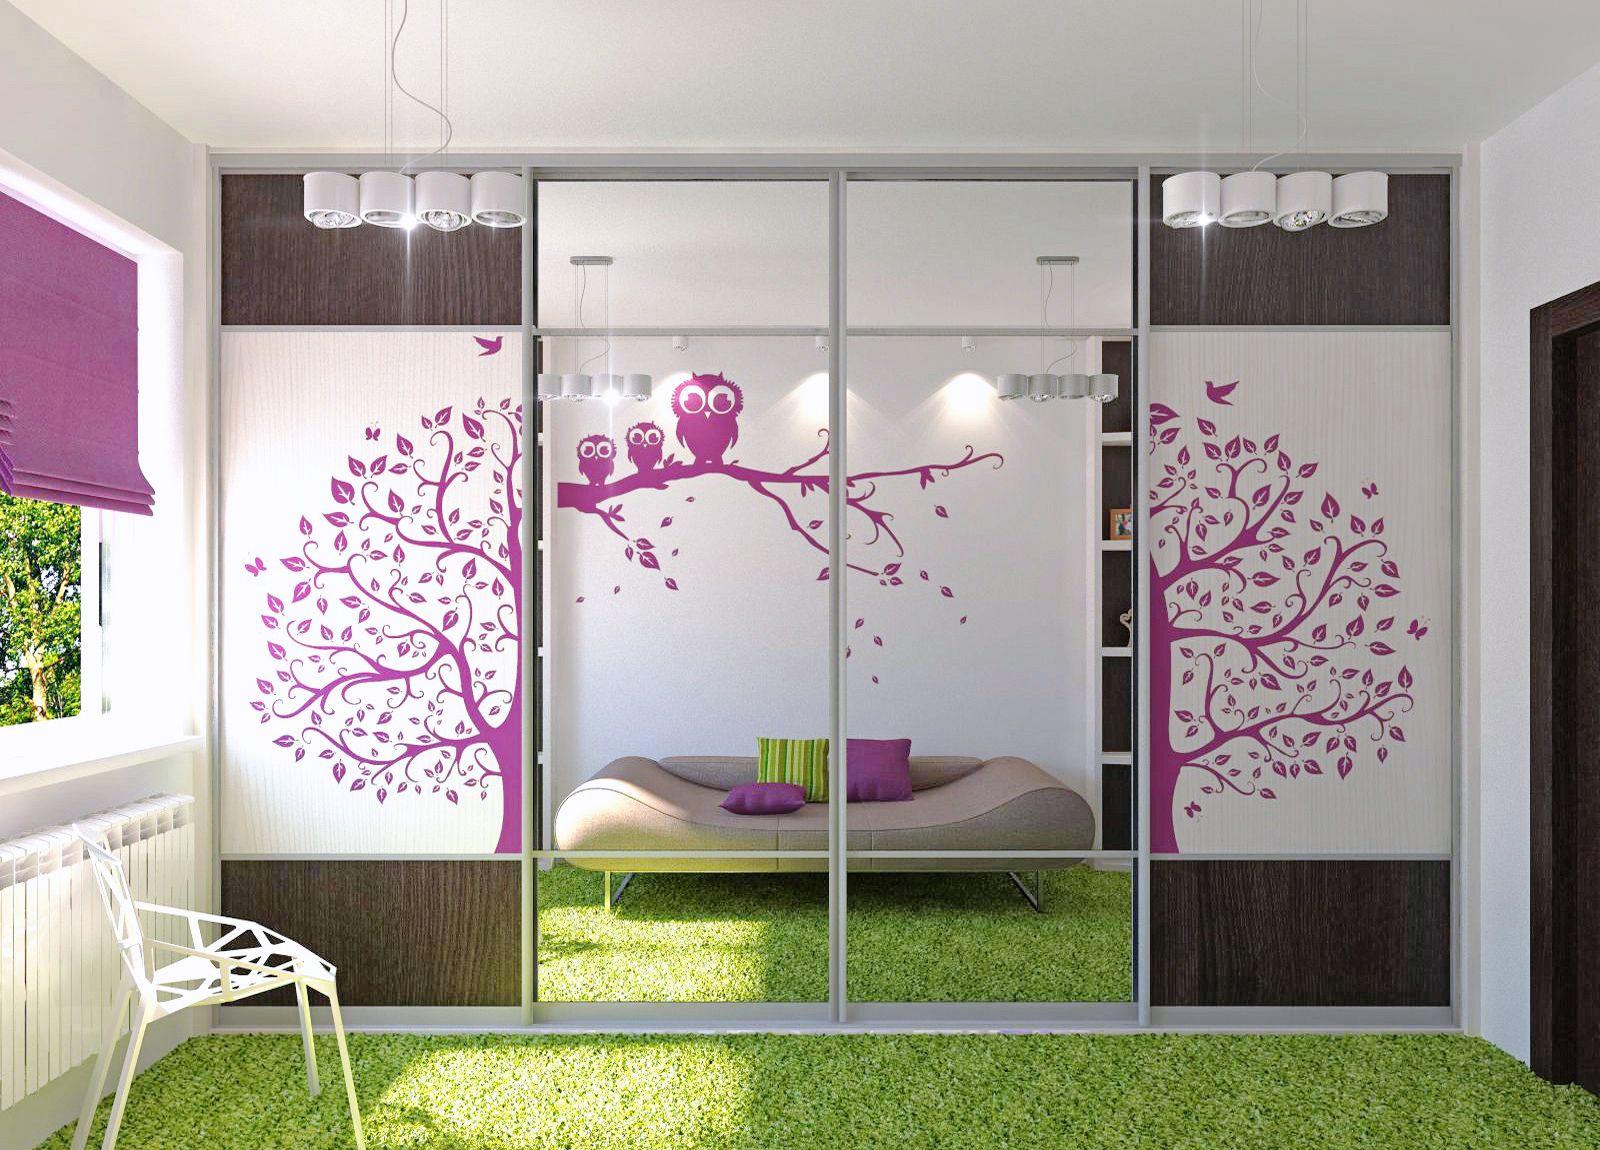 Bedrooms Designs For Girls Girls' Bedroom Style  Comforter Bedrooms And Diy Patio